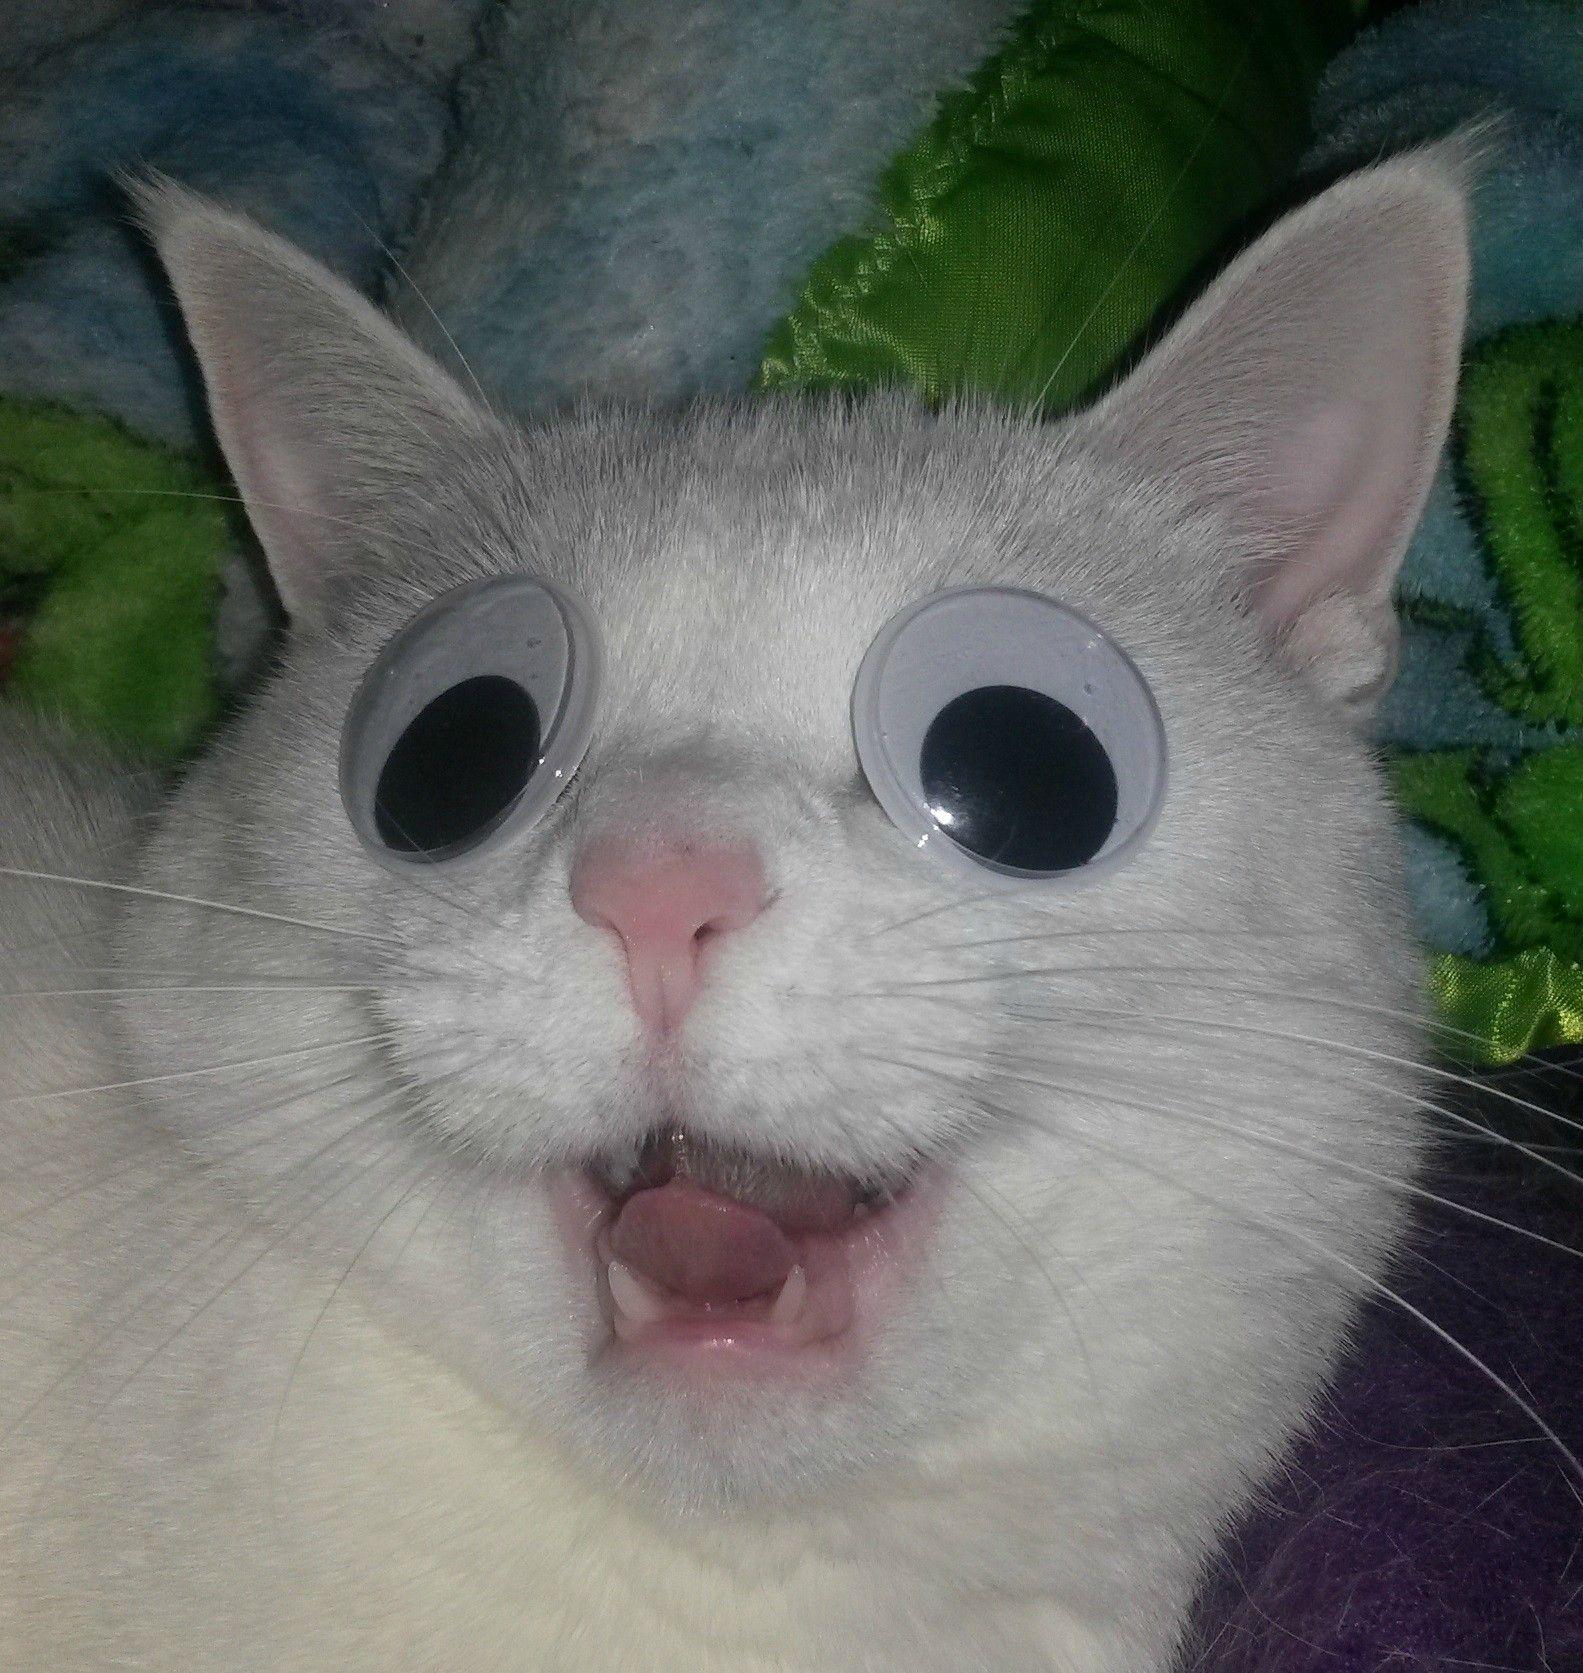 Cats on things! 아기 동물, 웃긴 동물 사진, 웃긴 동물